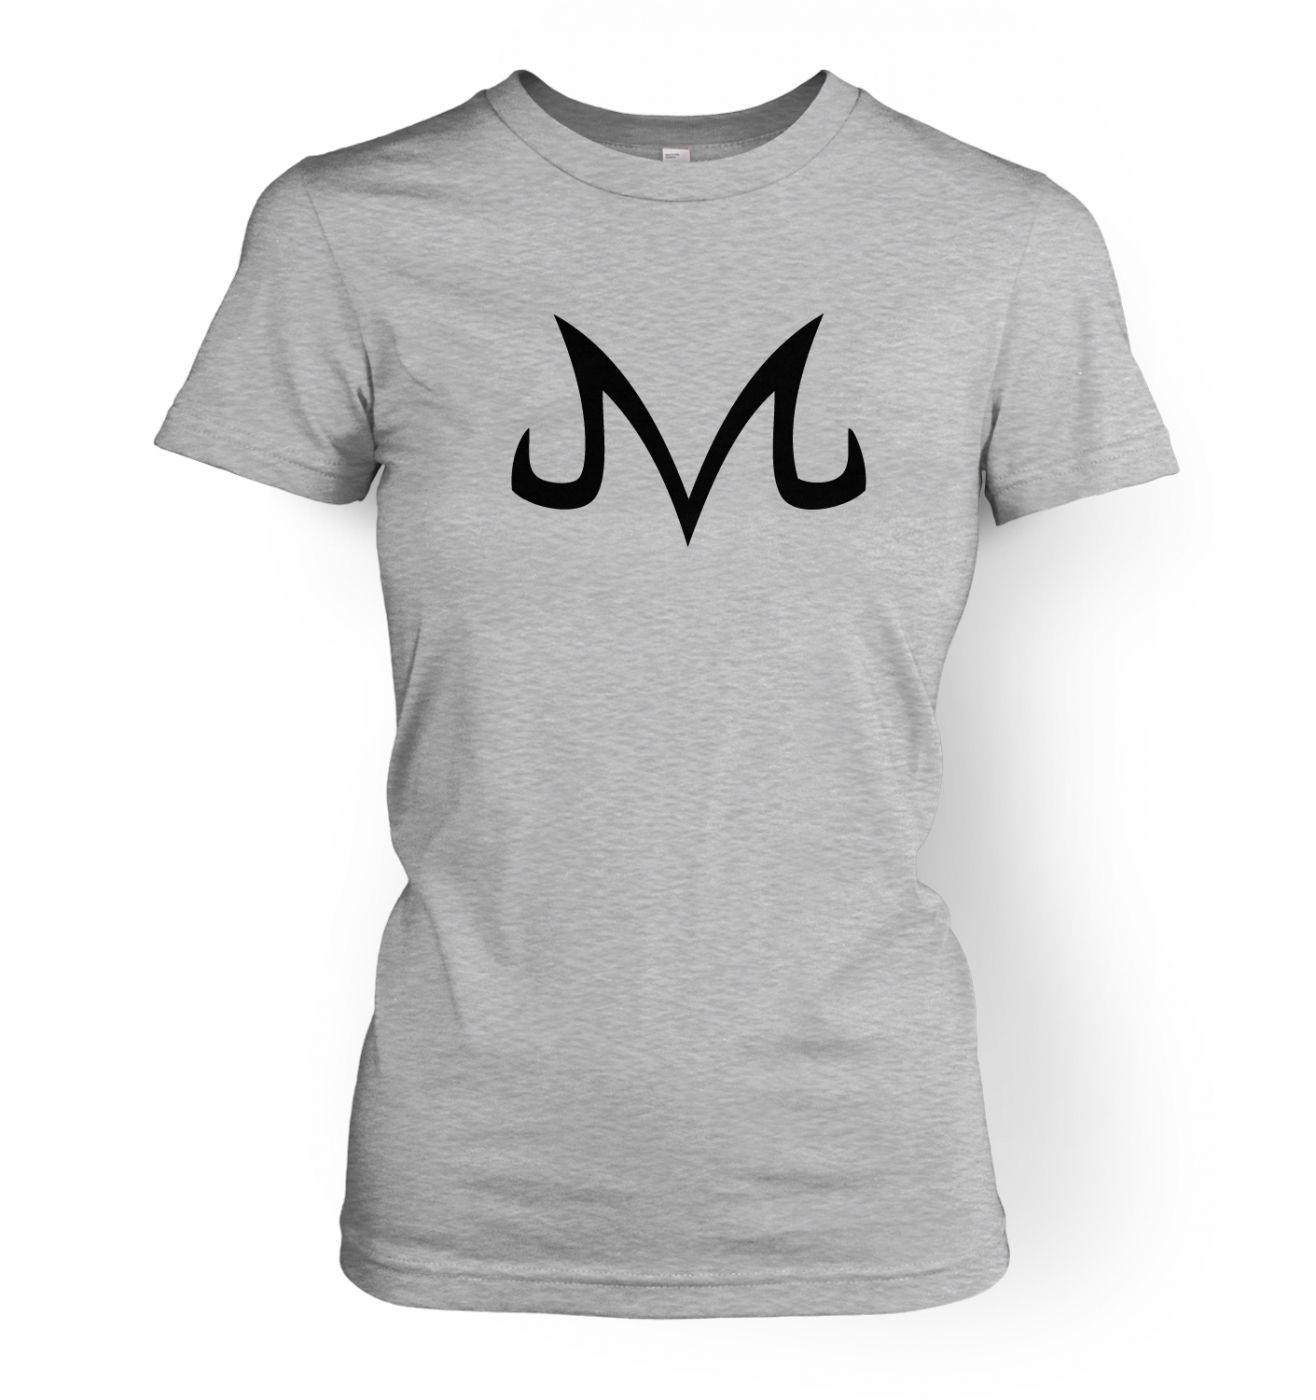 Majain Buu women's fitted t-shirt